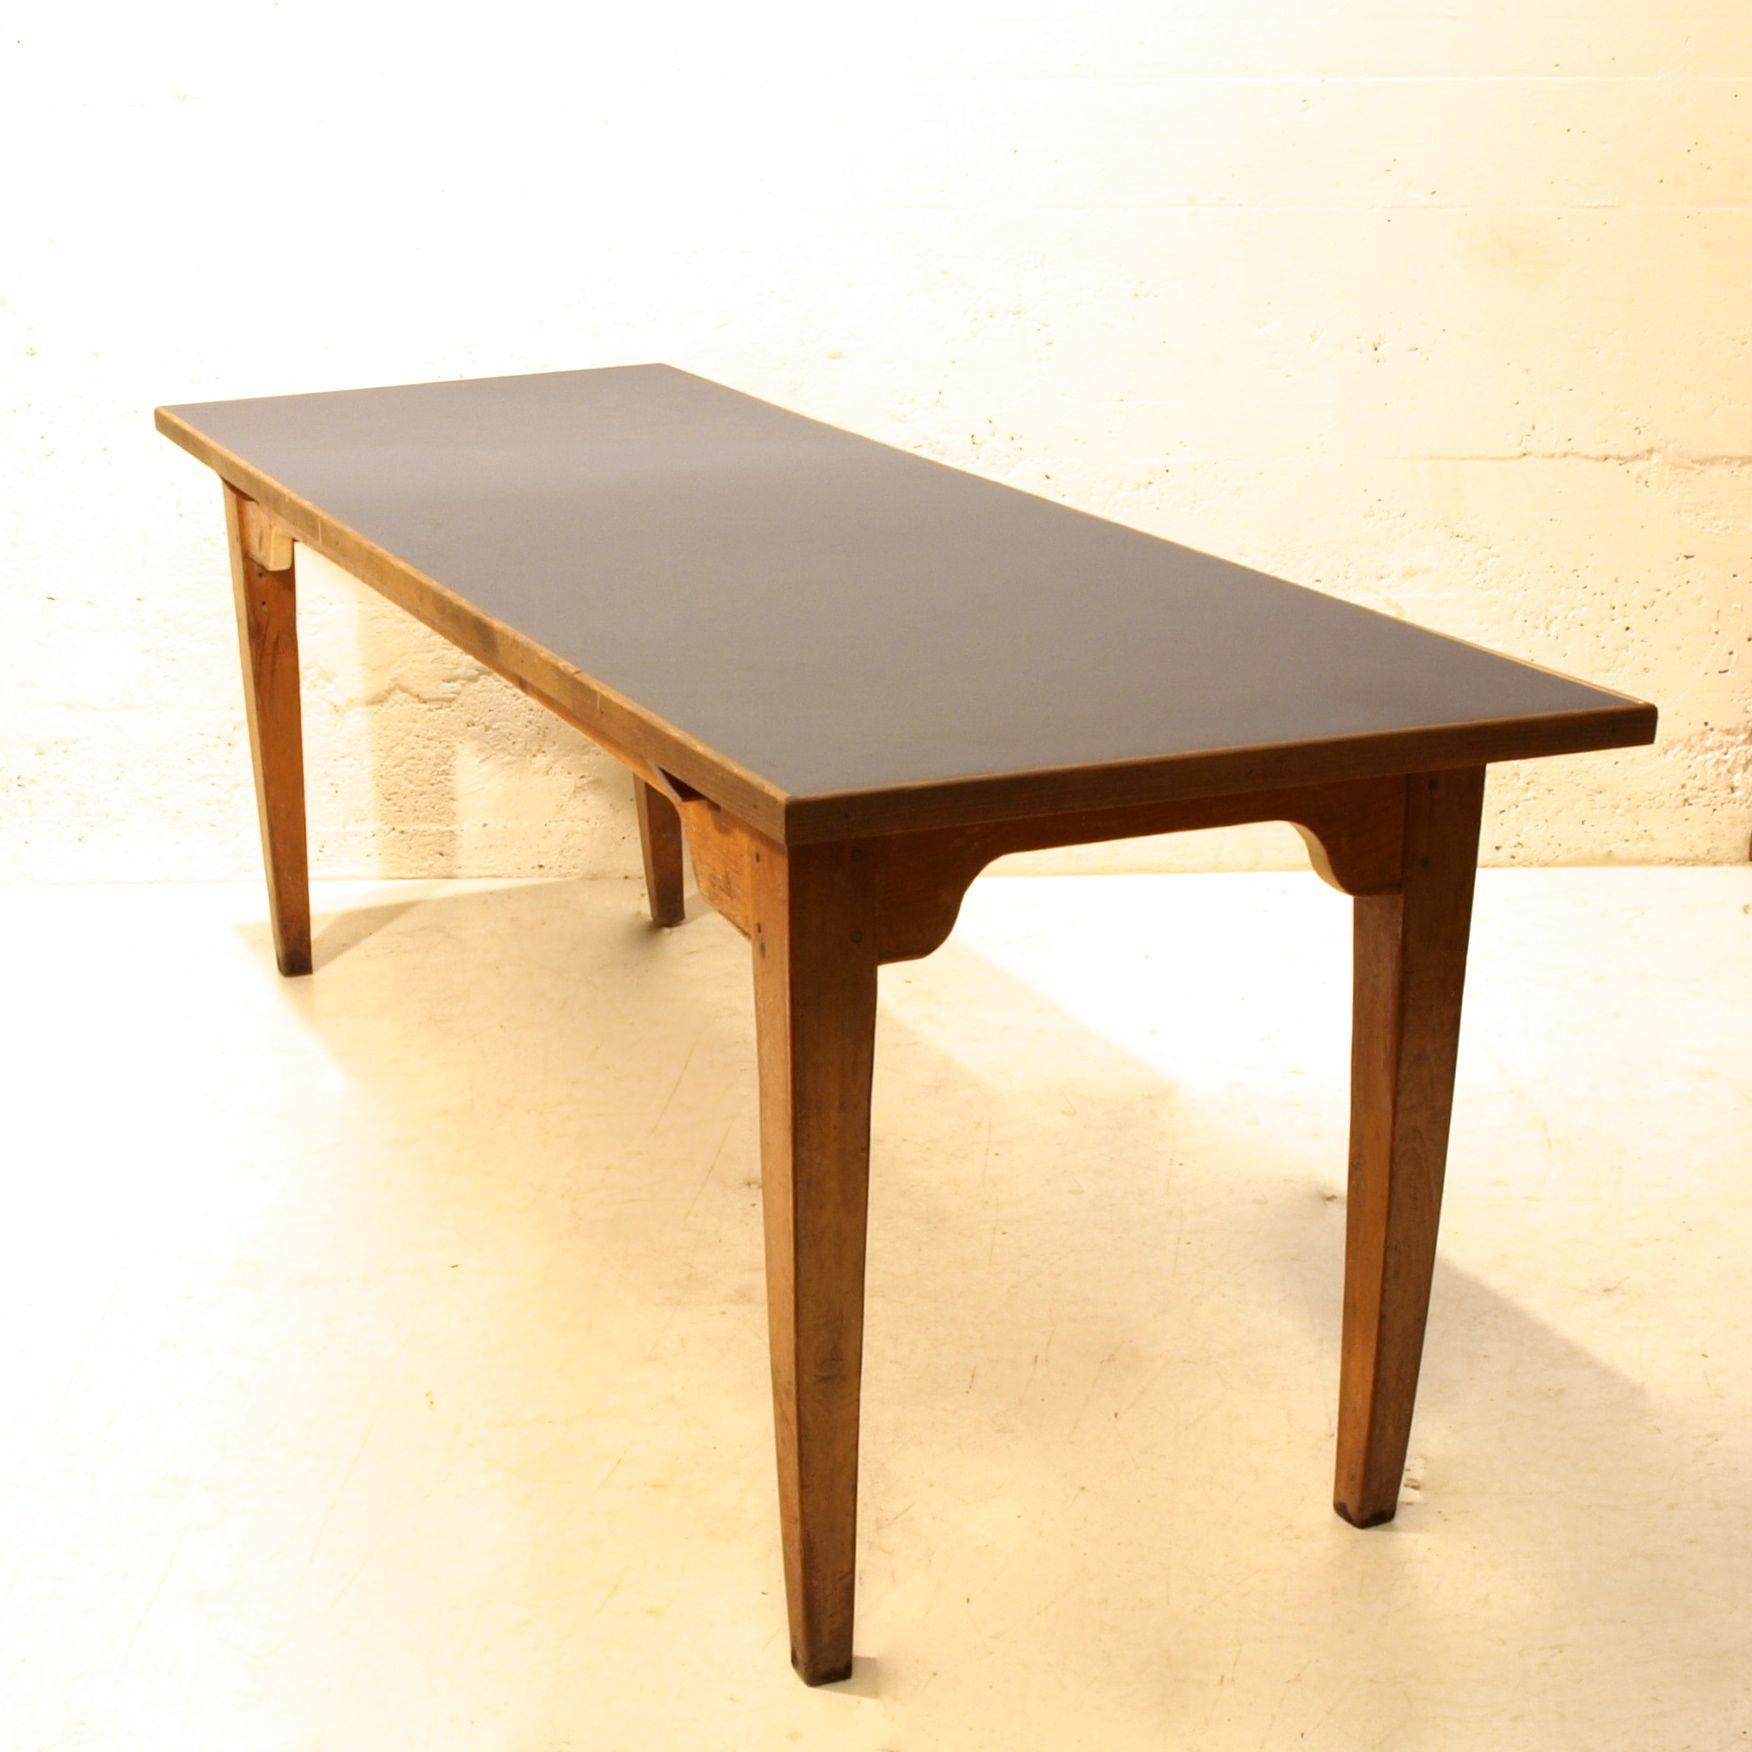 langer holztisch mit neuer lino oberfl che m bel z rich vintagem bel. Black Bedroom Furniture Sets. Home Design Ideas